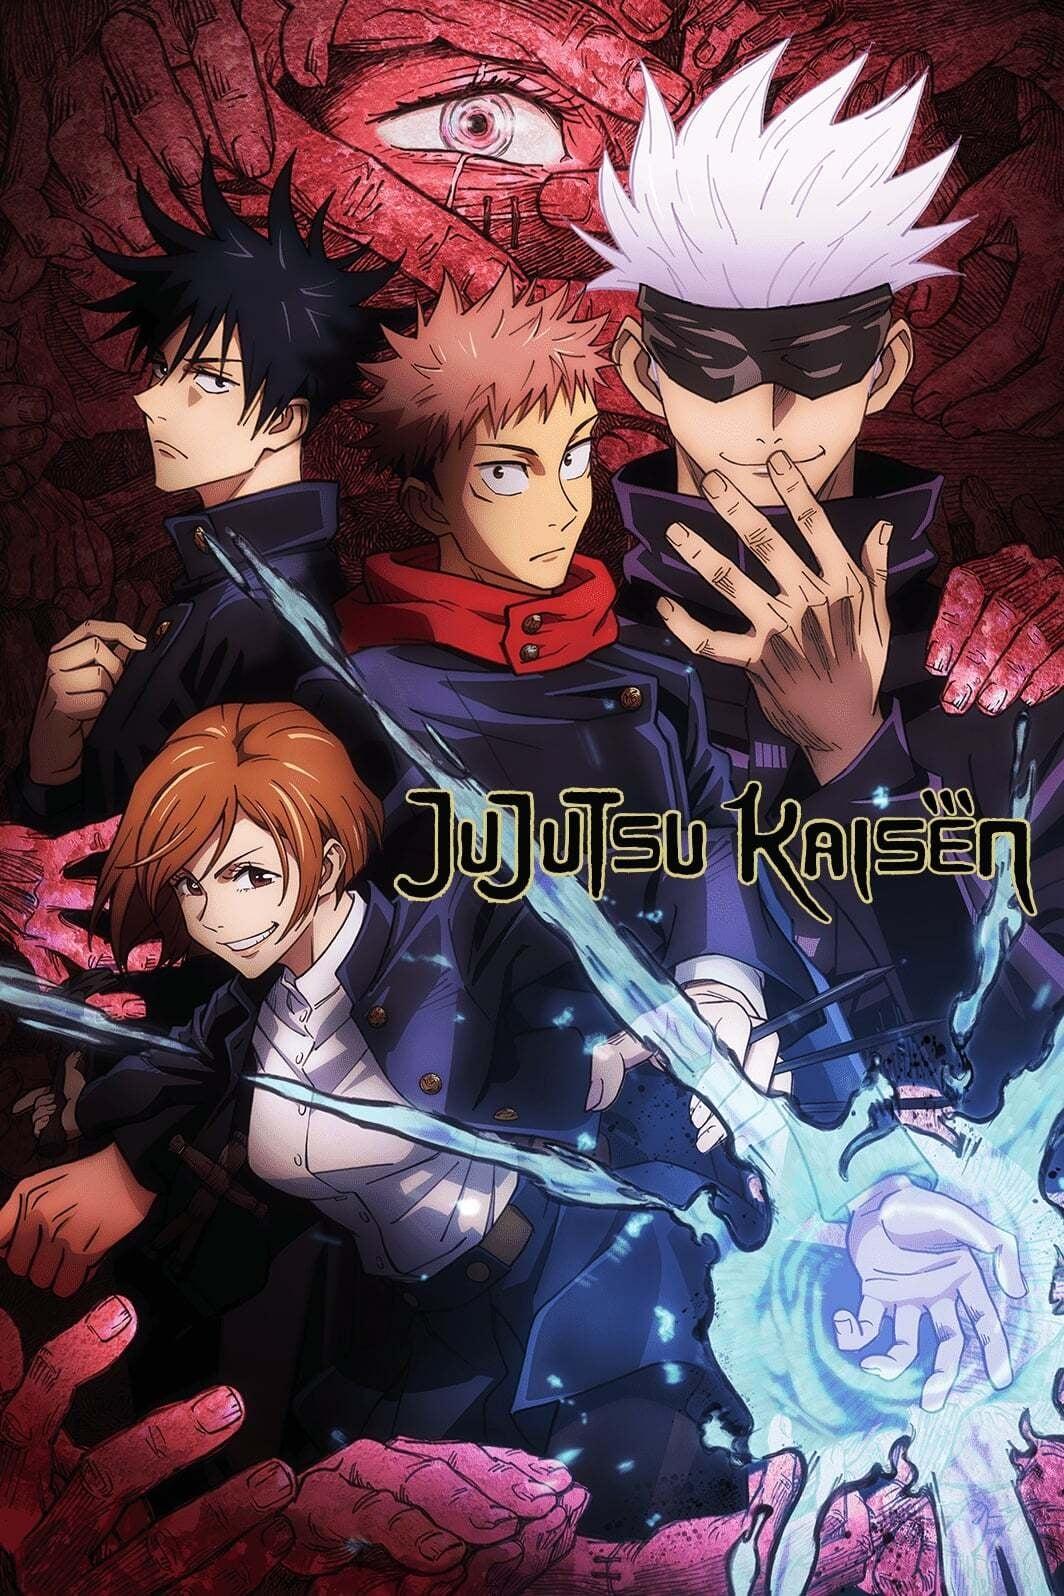 Jujutsu Kaisen Season 1